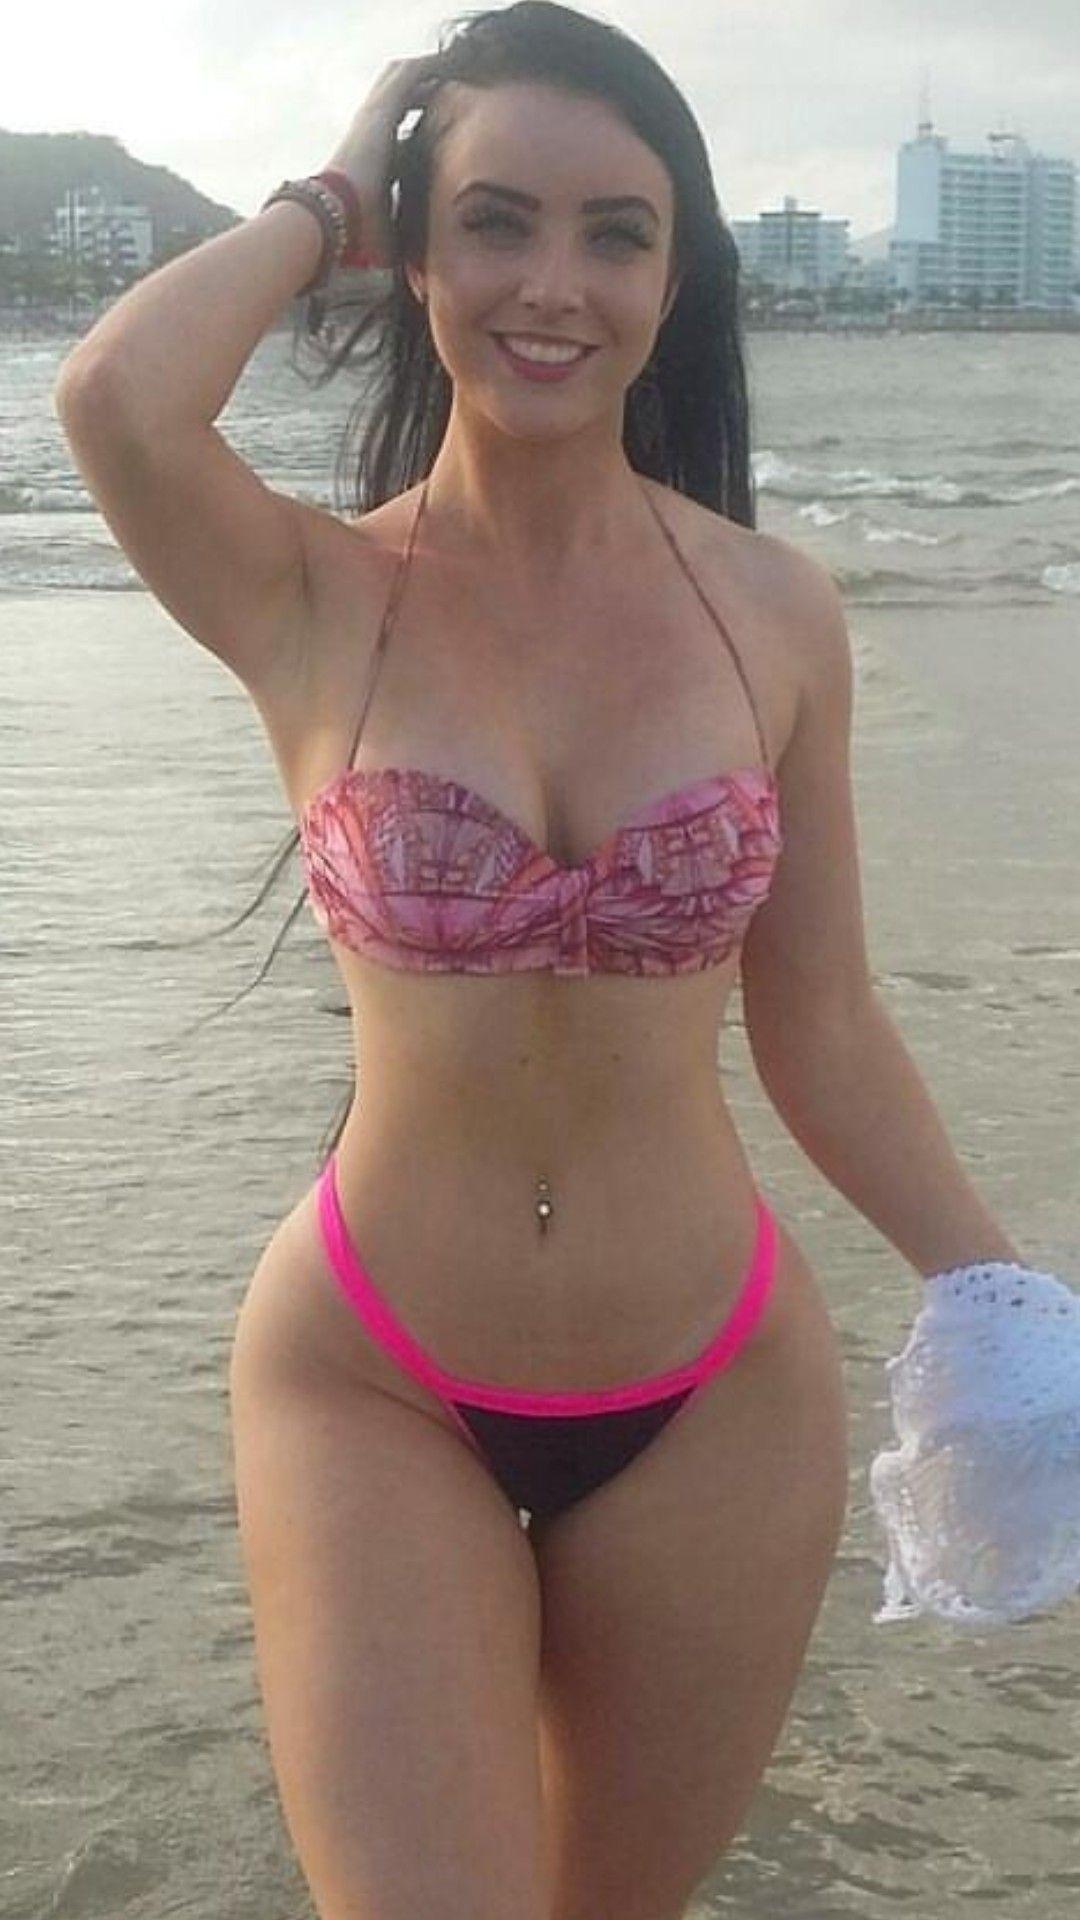 Swimwear Swimsuits Bikinis Types Of Women Bathing Beauties Bikini Babes